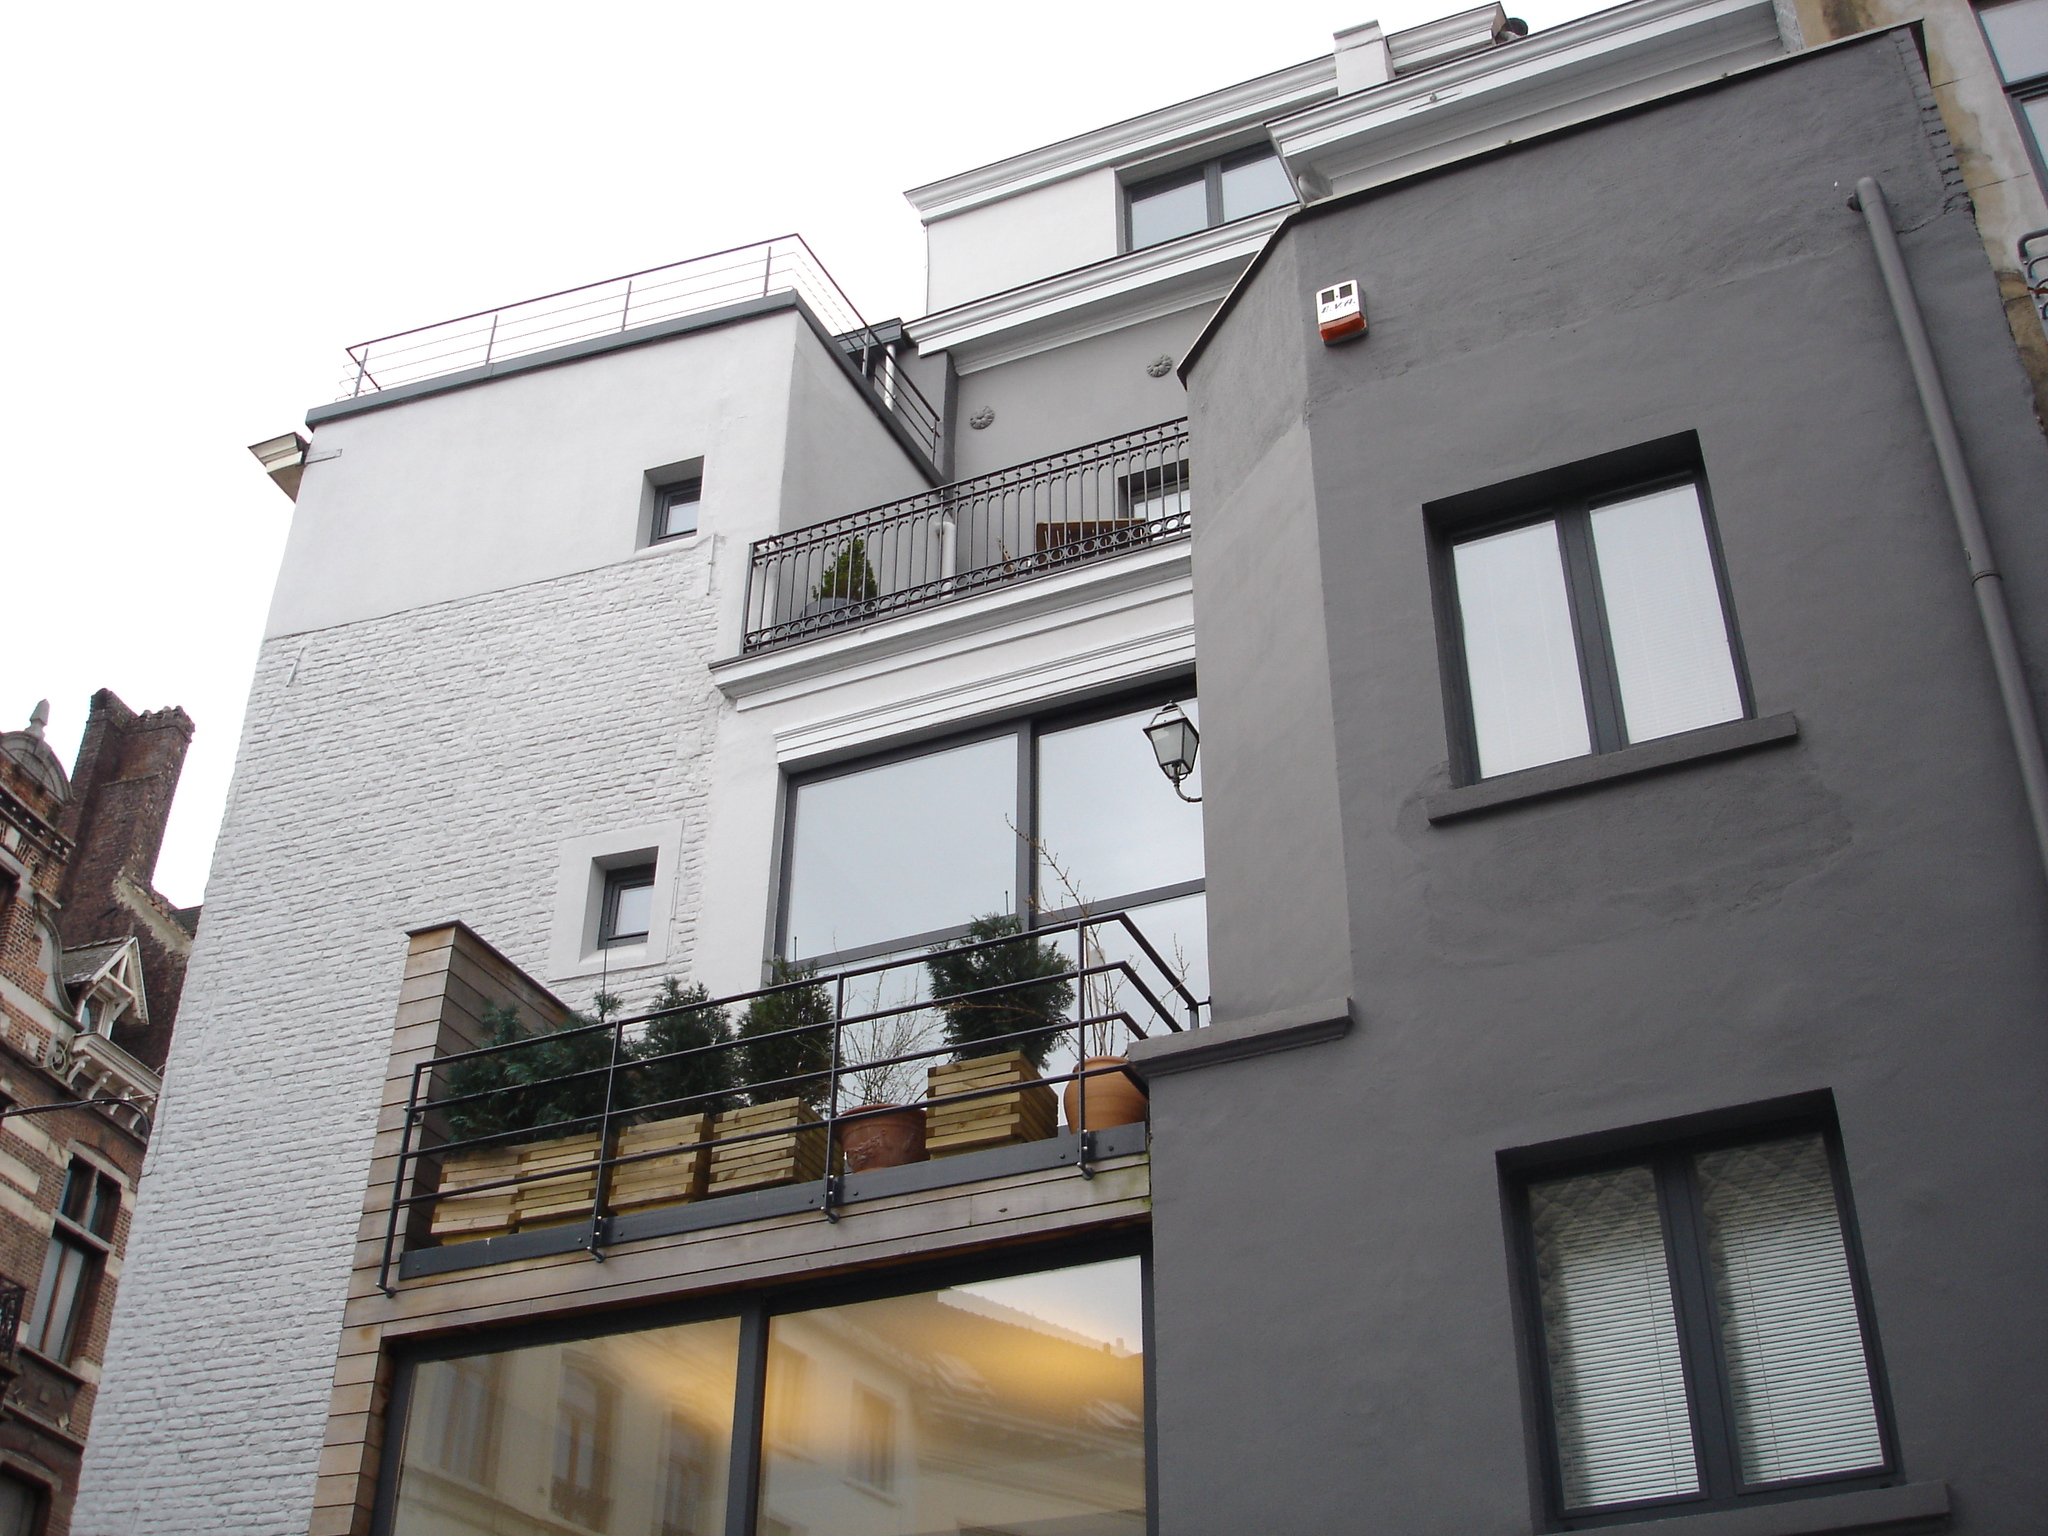 Papalampropoulos architecture bureau shops